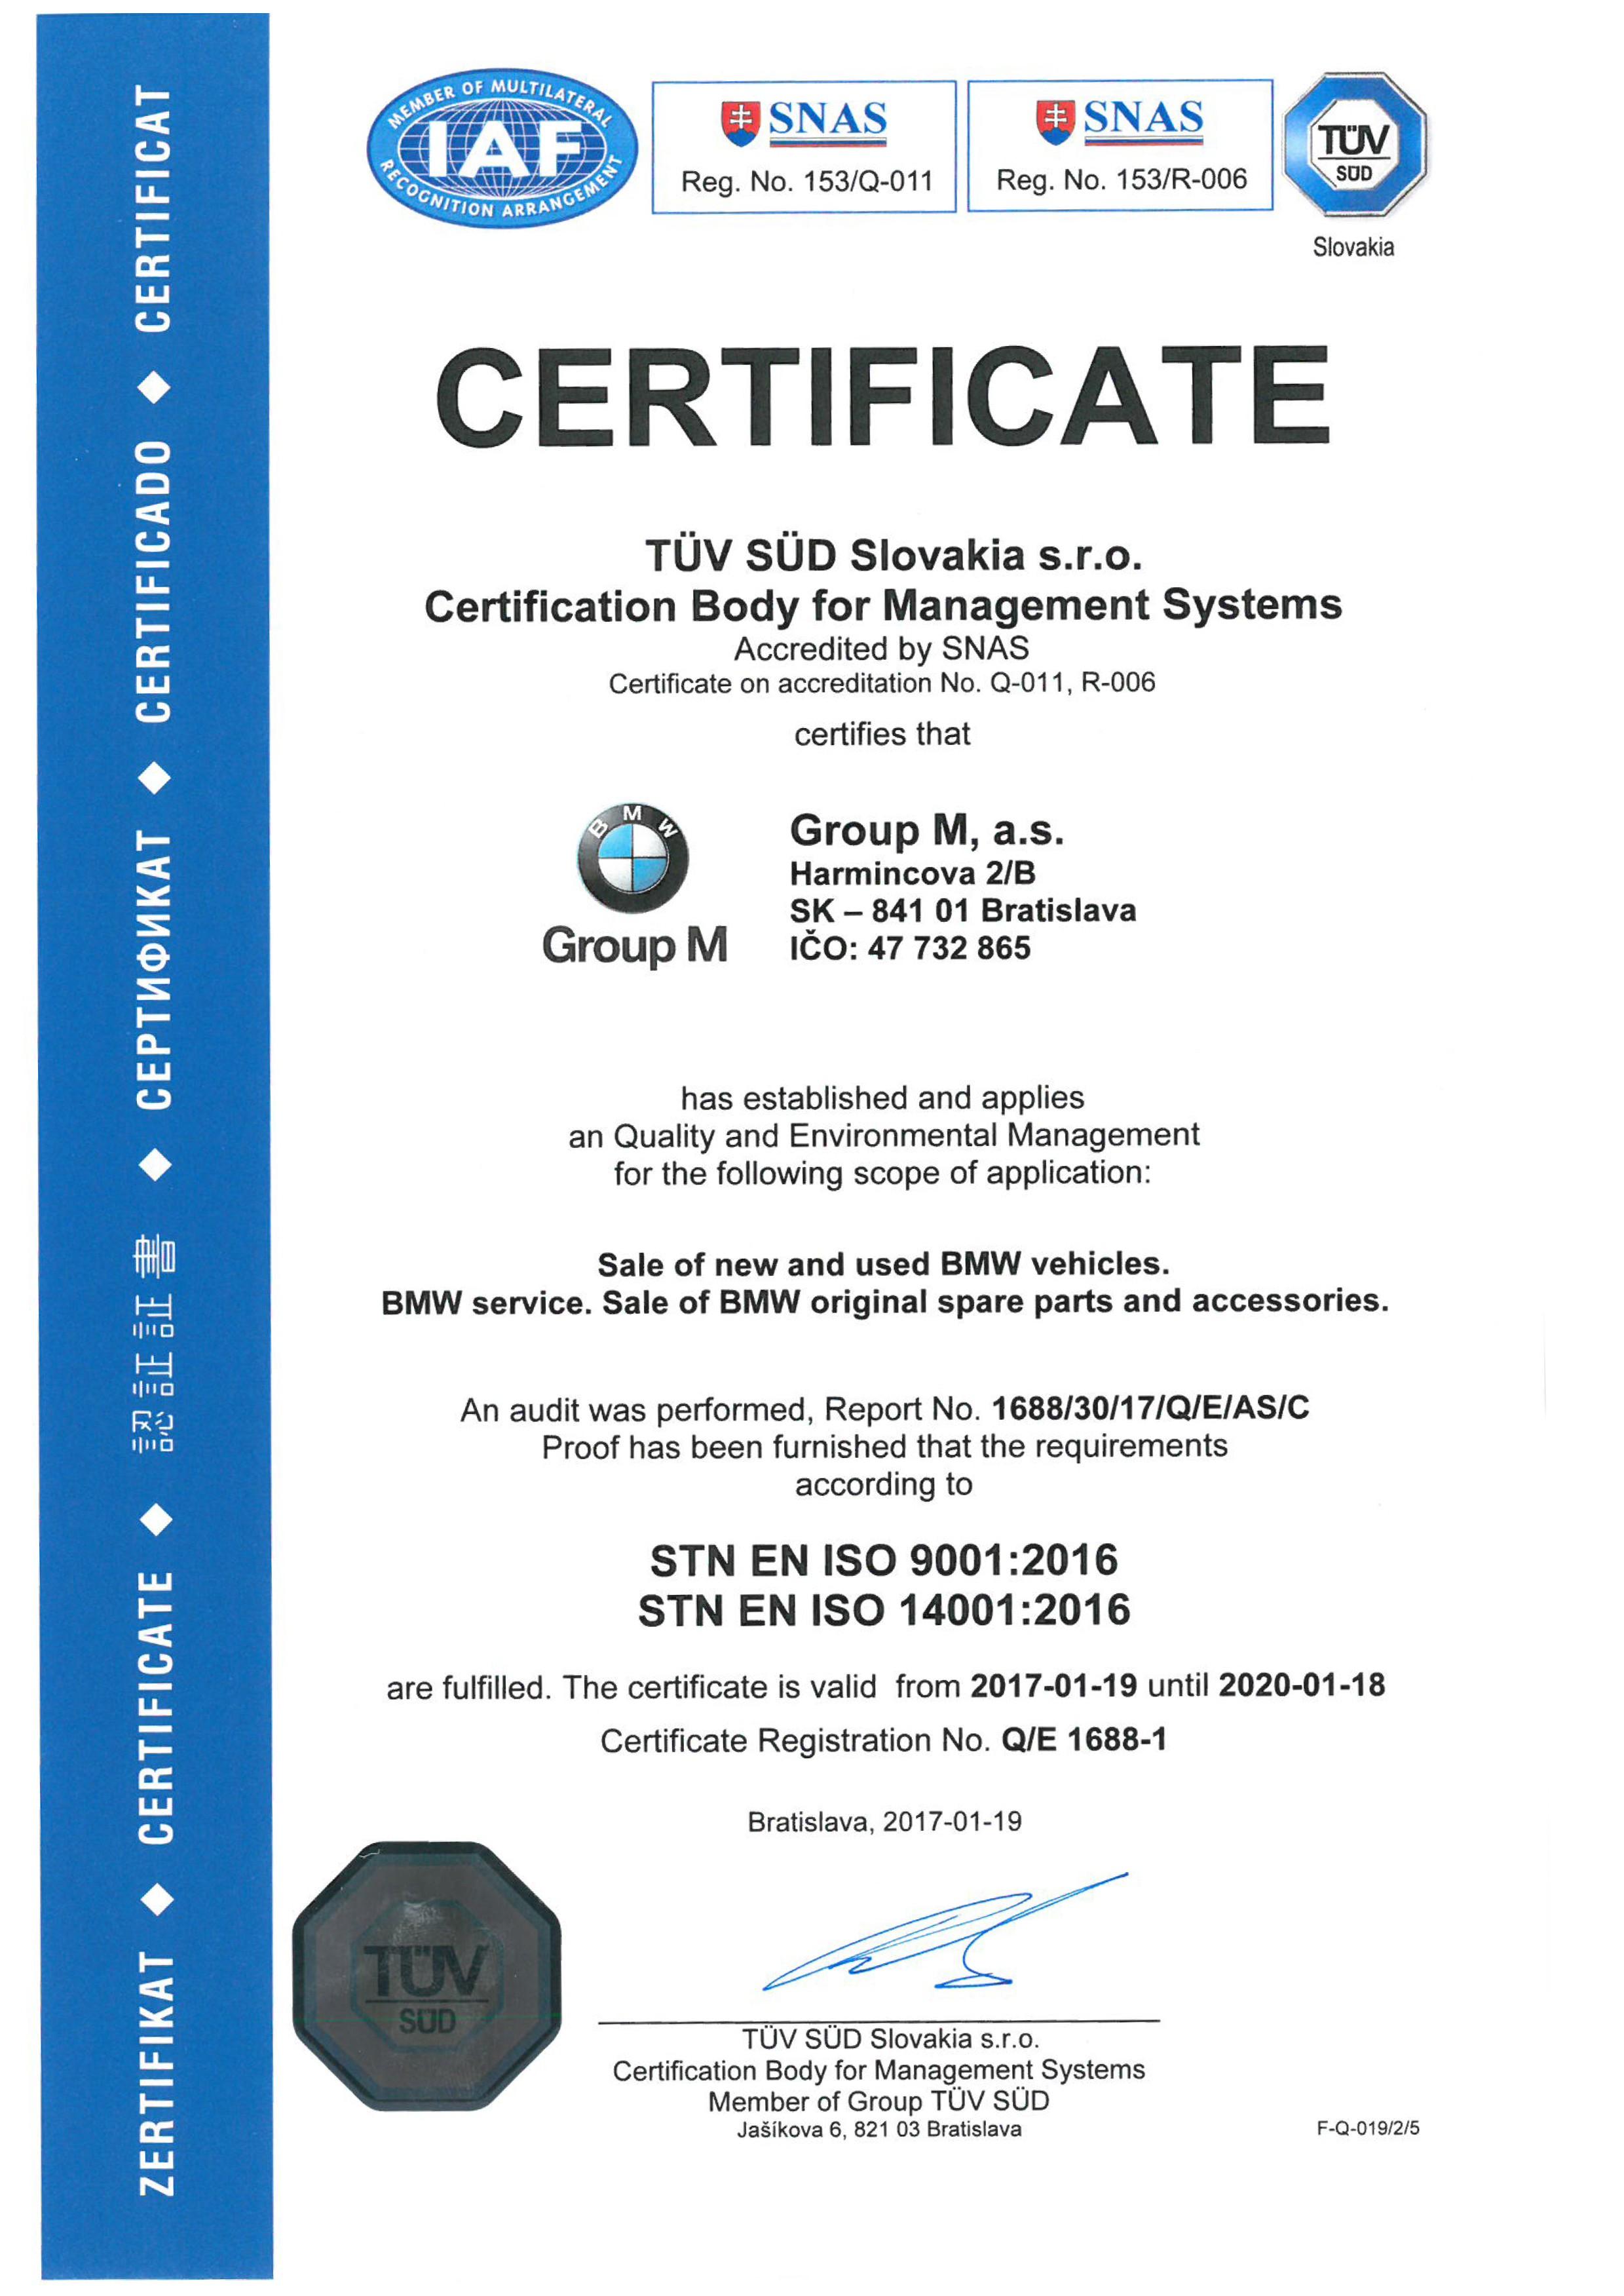 certifikat_iso_en